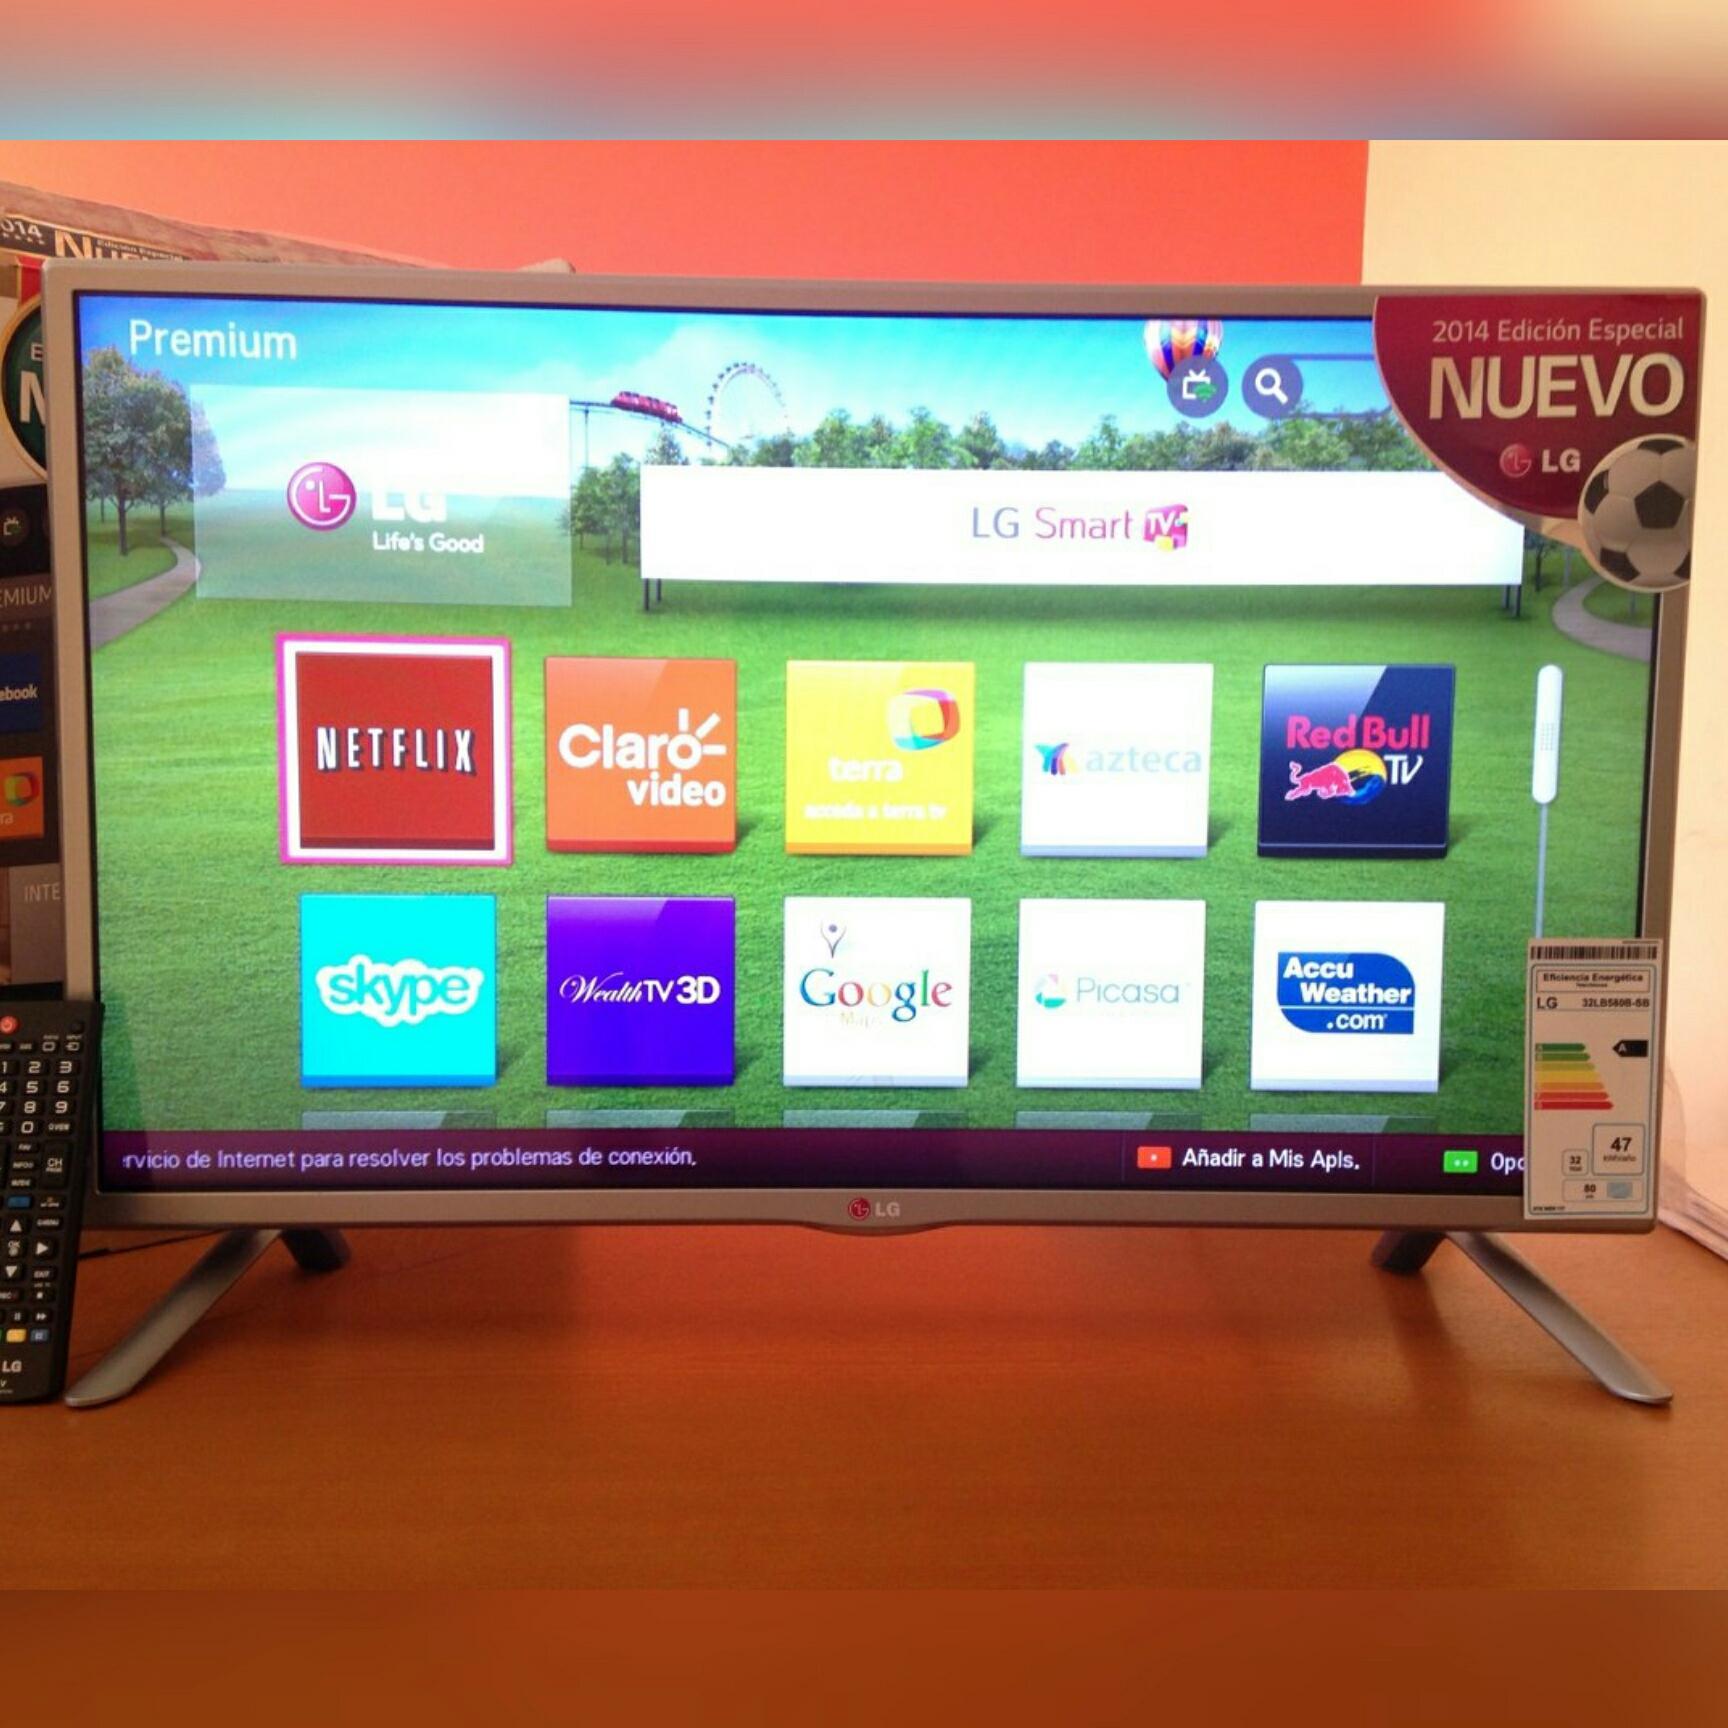 Harga Led Tv 43 Inch Lg 43lh500t Lengkap Dan Spesifikasi Terbaru Khusus Jabodetabek 32 Asli Original